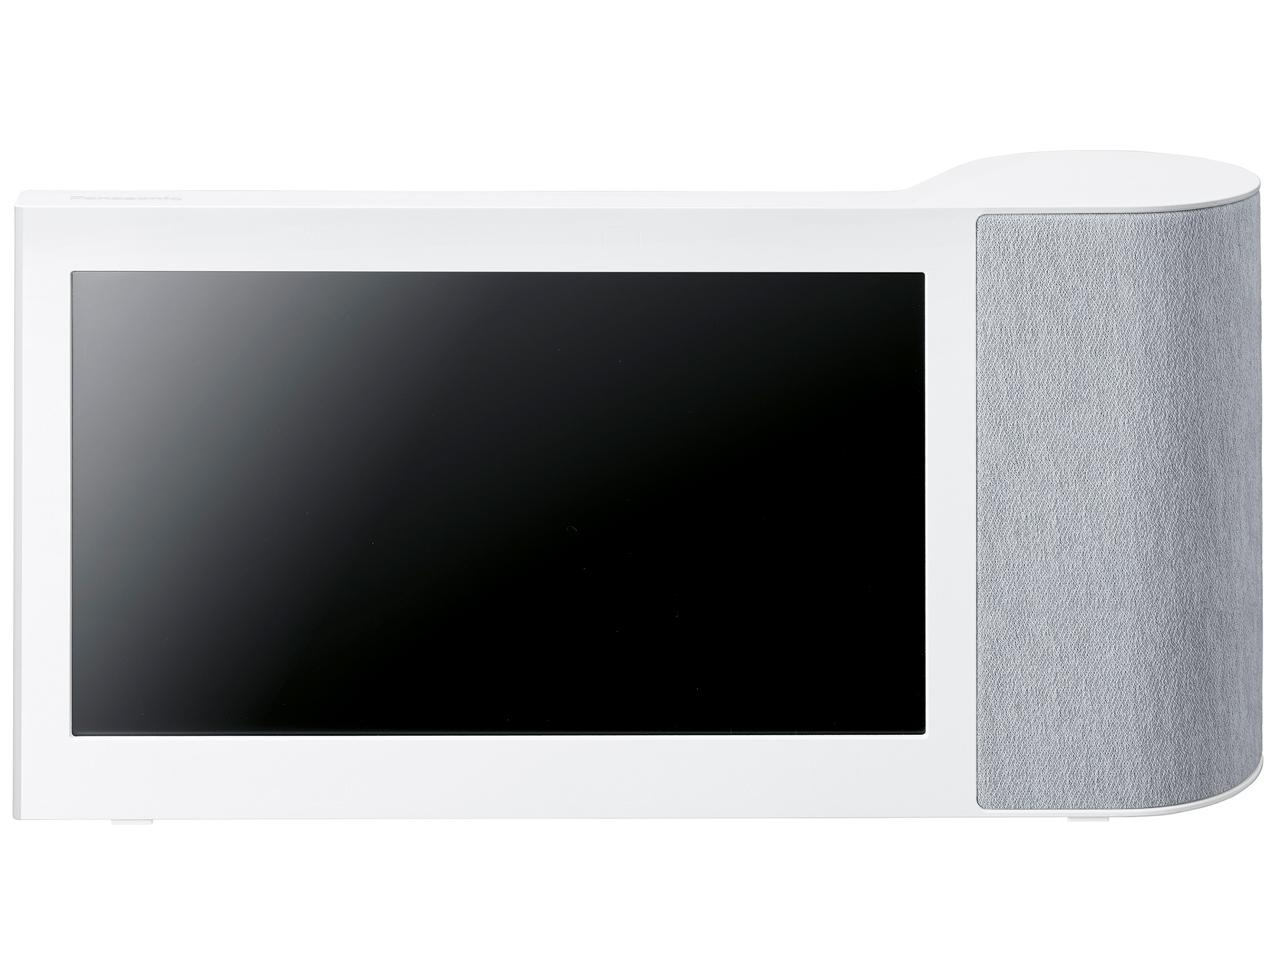 【送料無料】 パナソニック 10インチモニター付き ワイヤレススピーカー インターネット動画対応 Bluetooth/無線LAN対応 ホワイト SC-VA1-W【smtb-s】